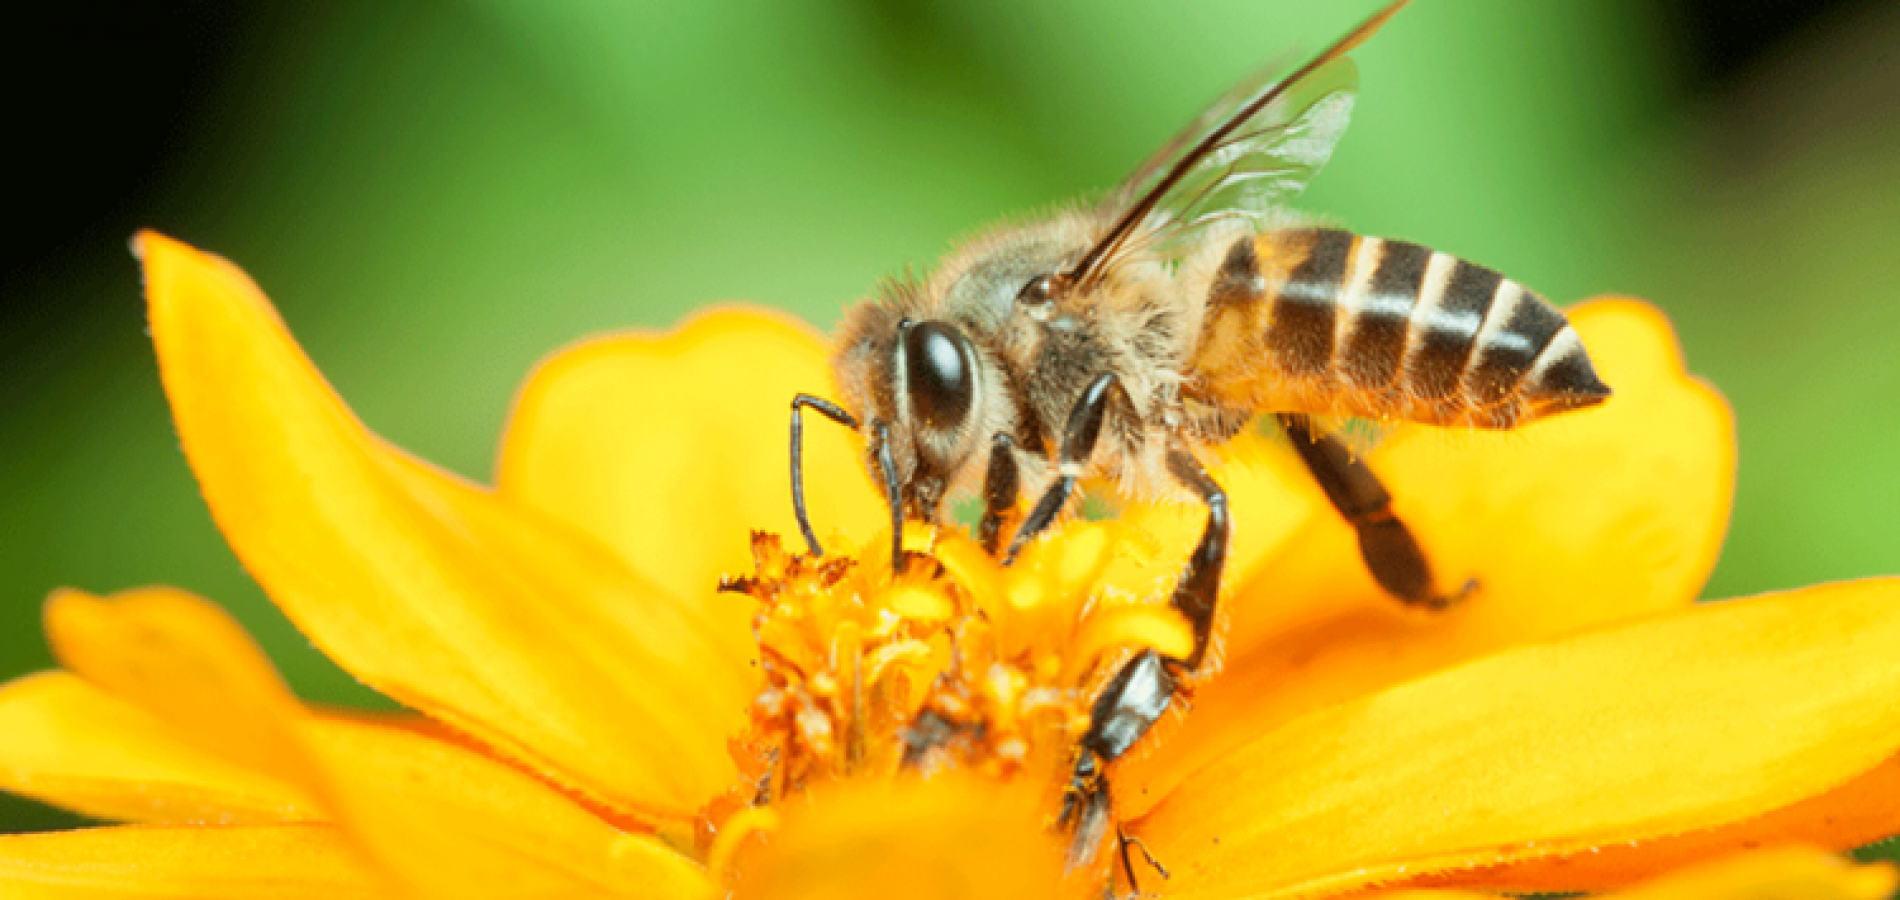 UE a interzis trei neonicotinoide periculoase pentru albine